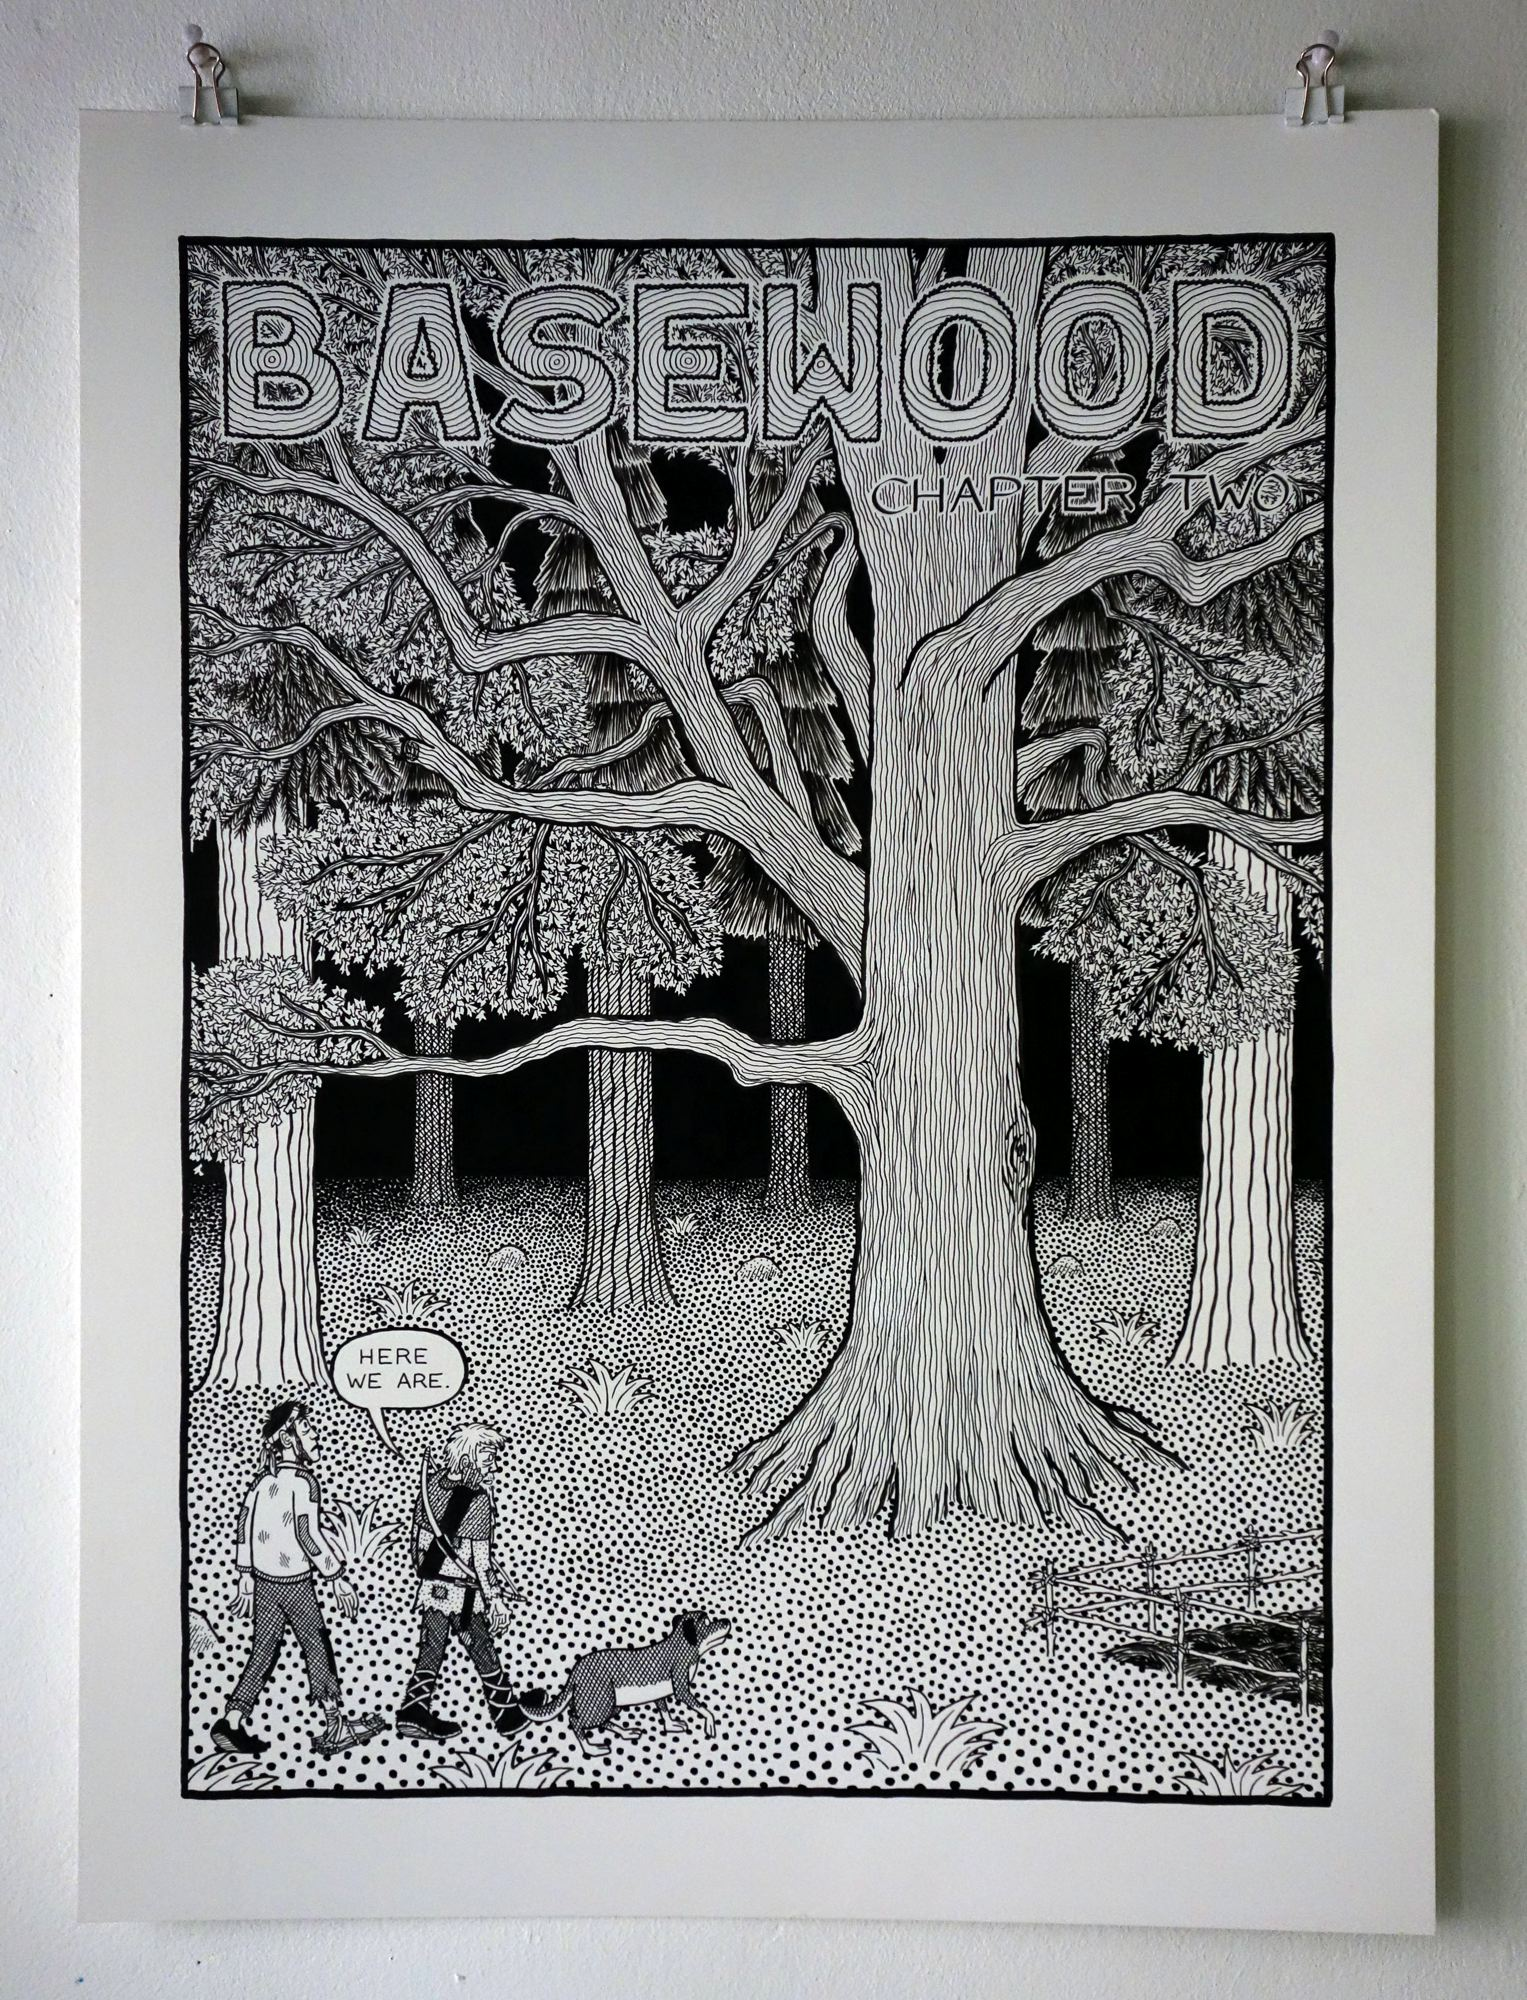 Planche de Basewood